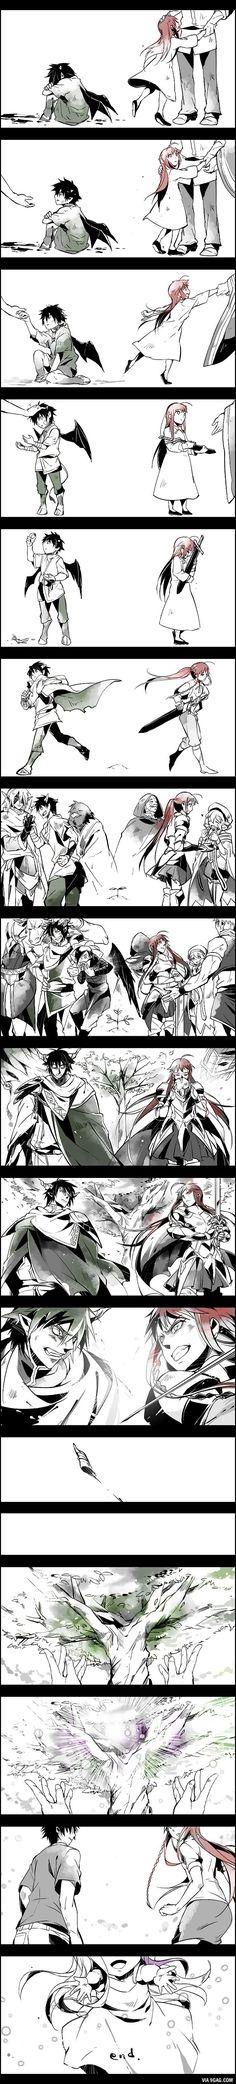 ravenna - Randaris-Anime